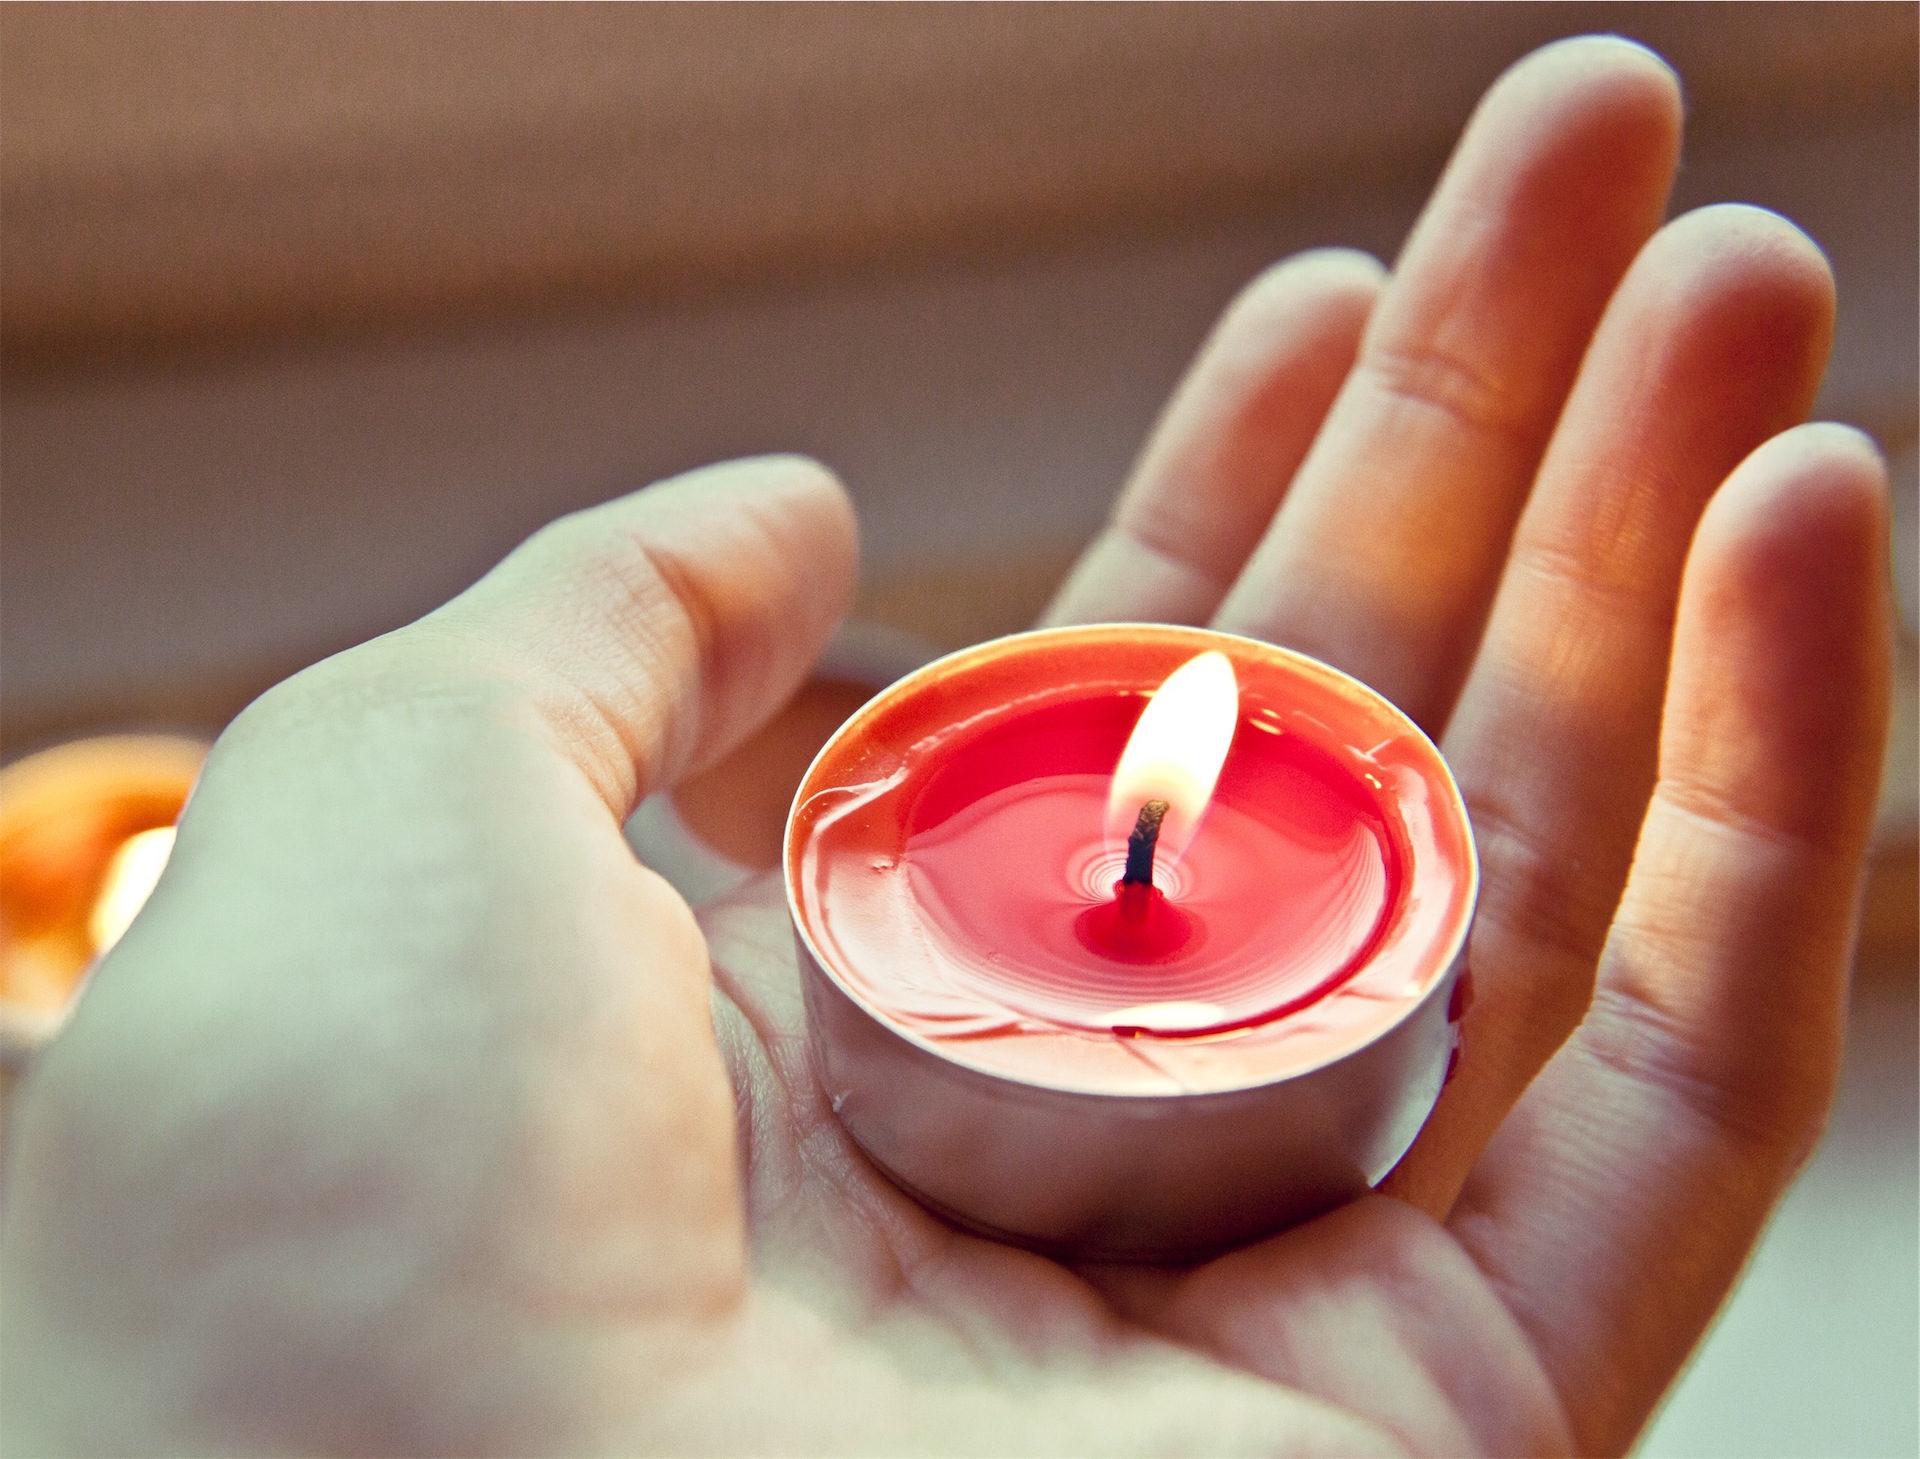 χέρι, κερί, φωτιά, φλόγα, Κόκκινο - Wallpapers HD - Professor-falken.com